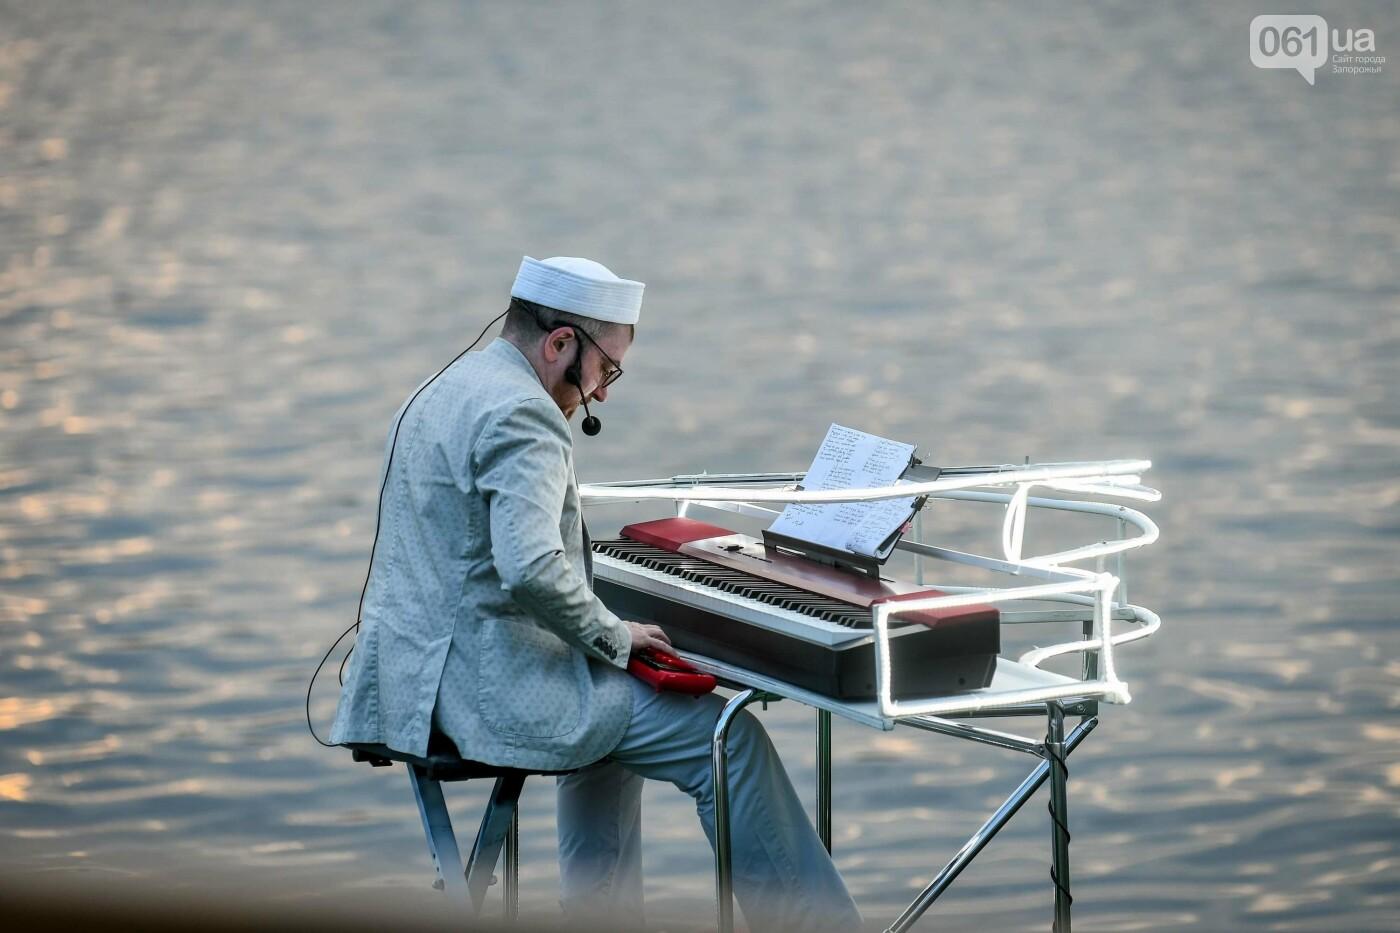 Пианист-виртуоз Майк Кауфман-Портников сыграл джазовый концерт в Запорожье, - ФОТОРЕПОРТАЖ, фото-8